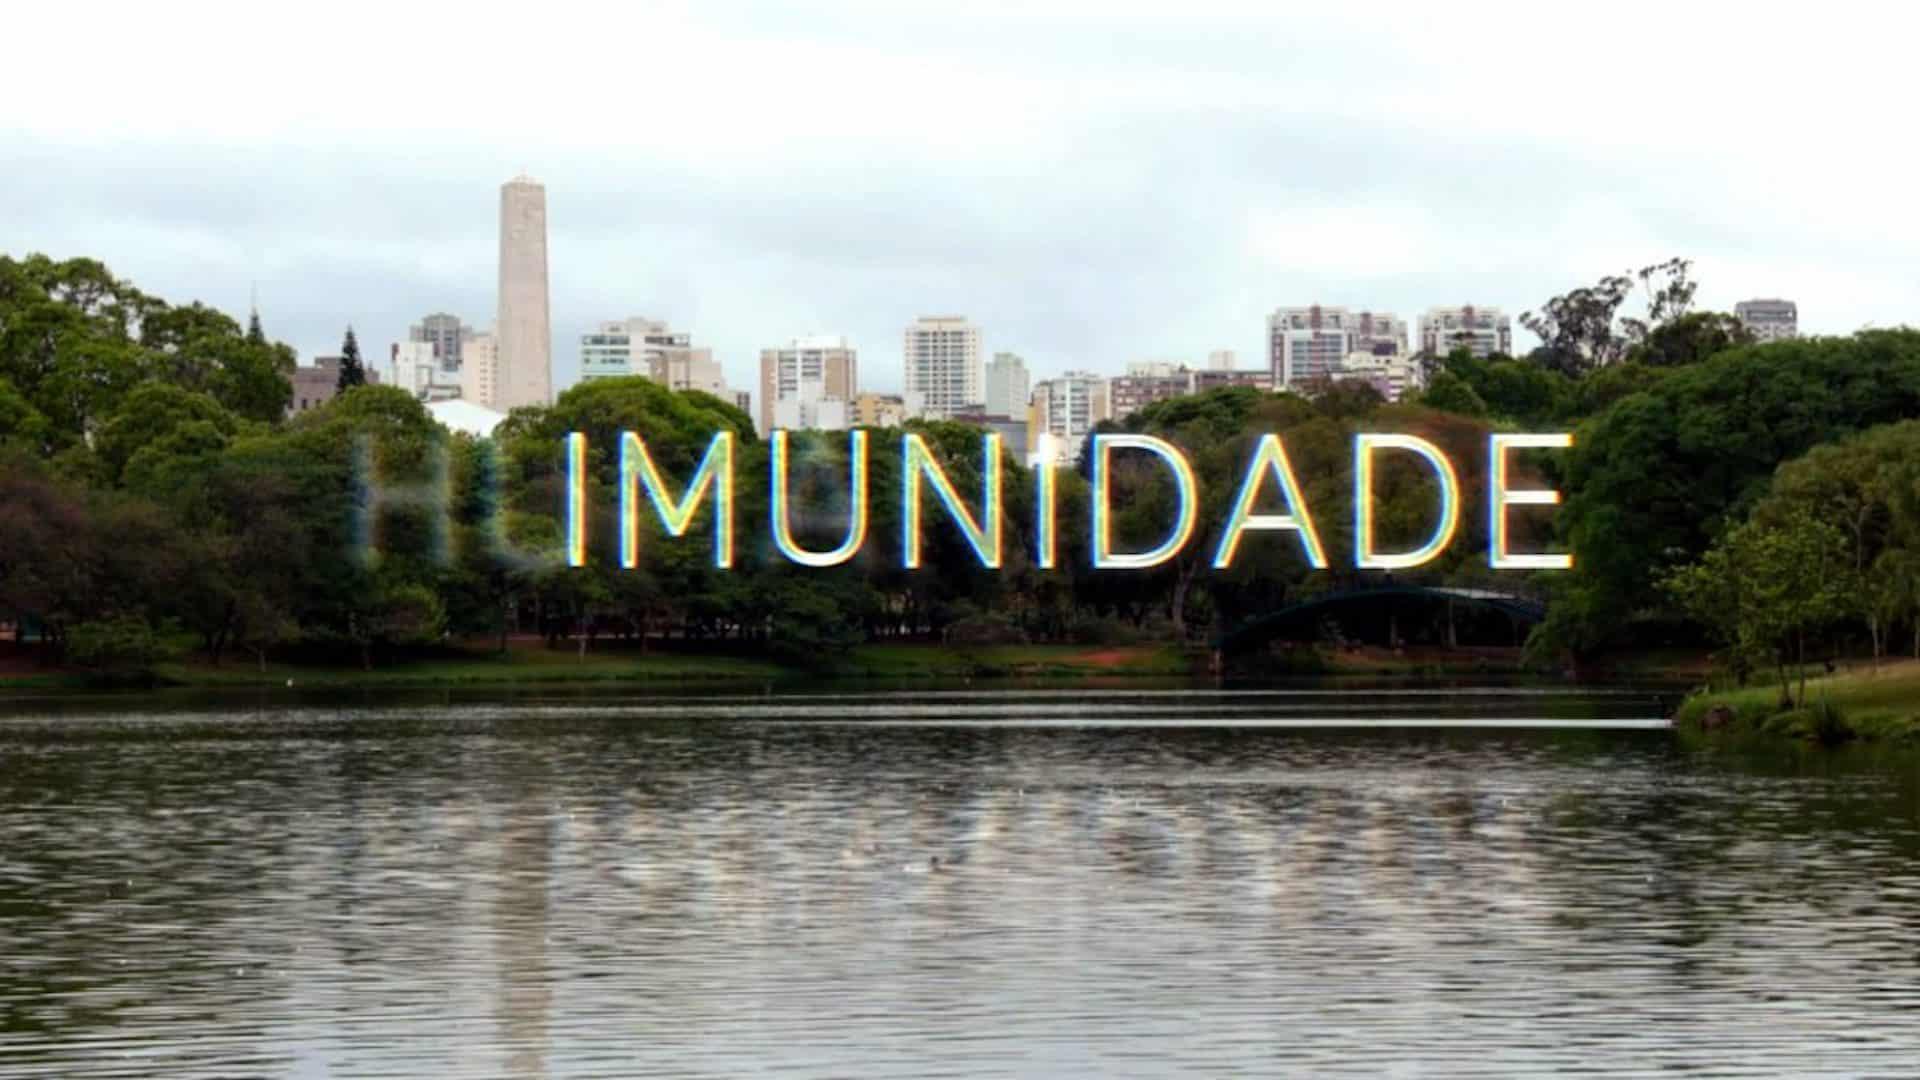 Imunidade Jornal Das 8 Tvi